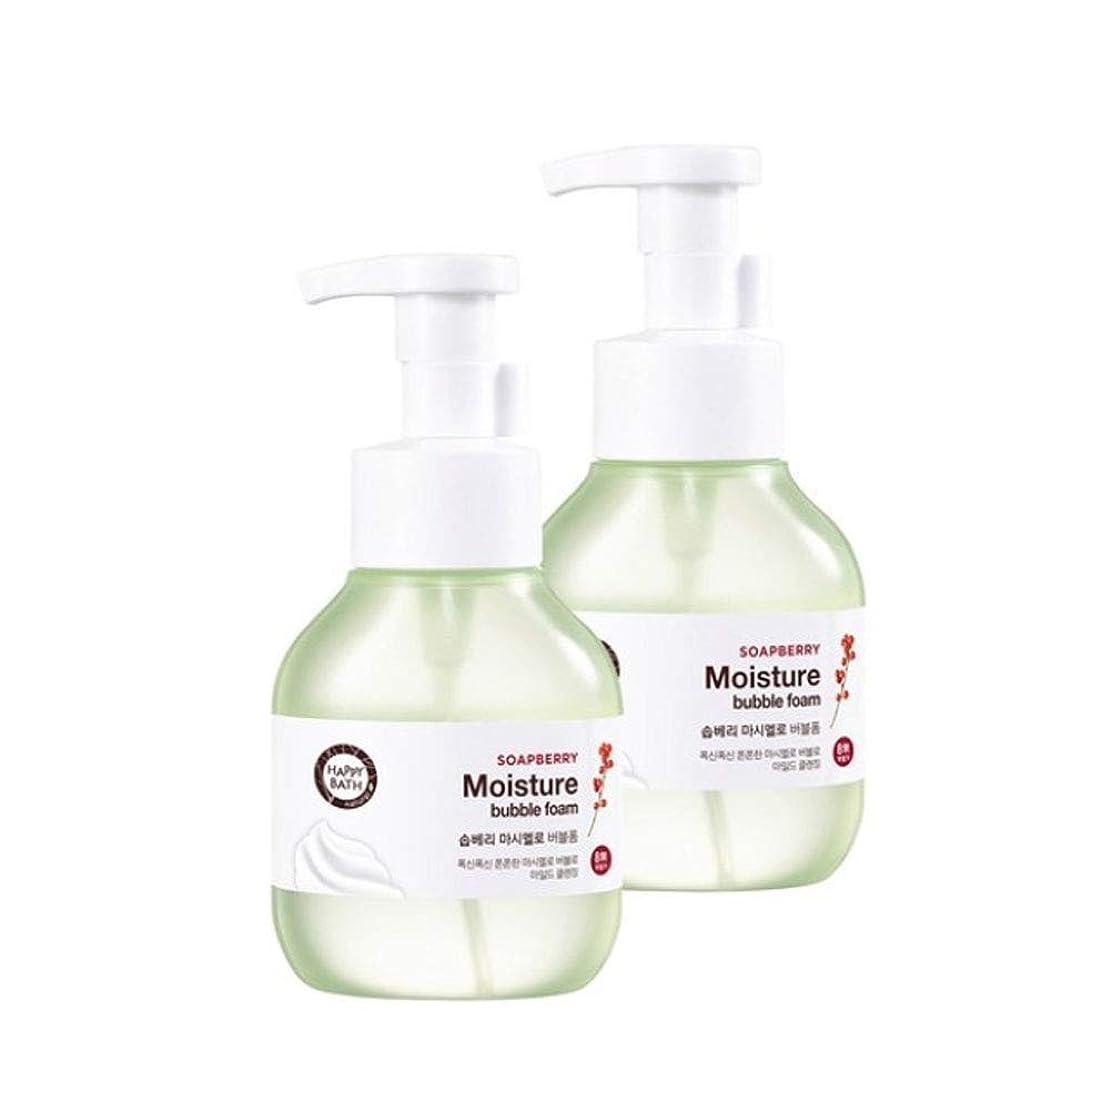 ハッピーバスソープベリーマシュマロバブルフォーム300mlx2本セット韓国コスメ、Happy Bath Soapberry Moisture Bubble Foam 300ml x 2ea Set Korean Cosmetics [並行輸入品]